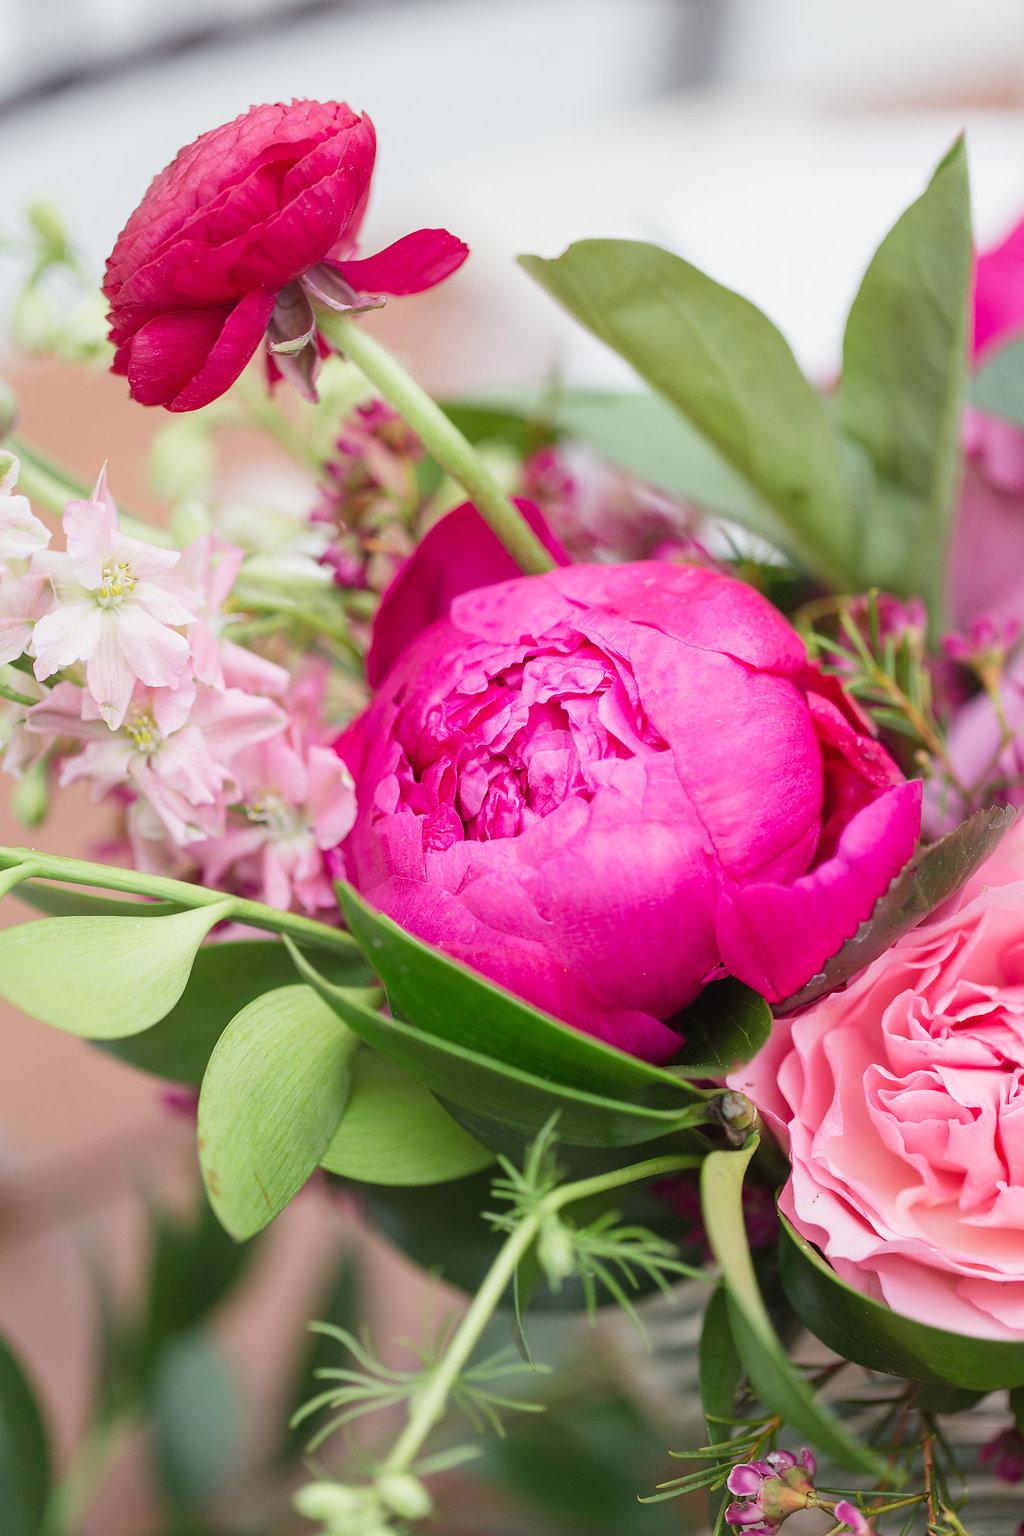 Pink Floral Ingredients